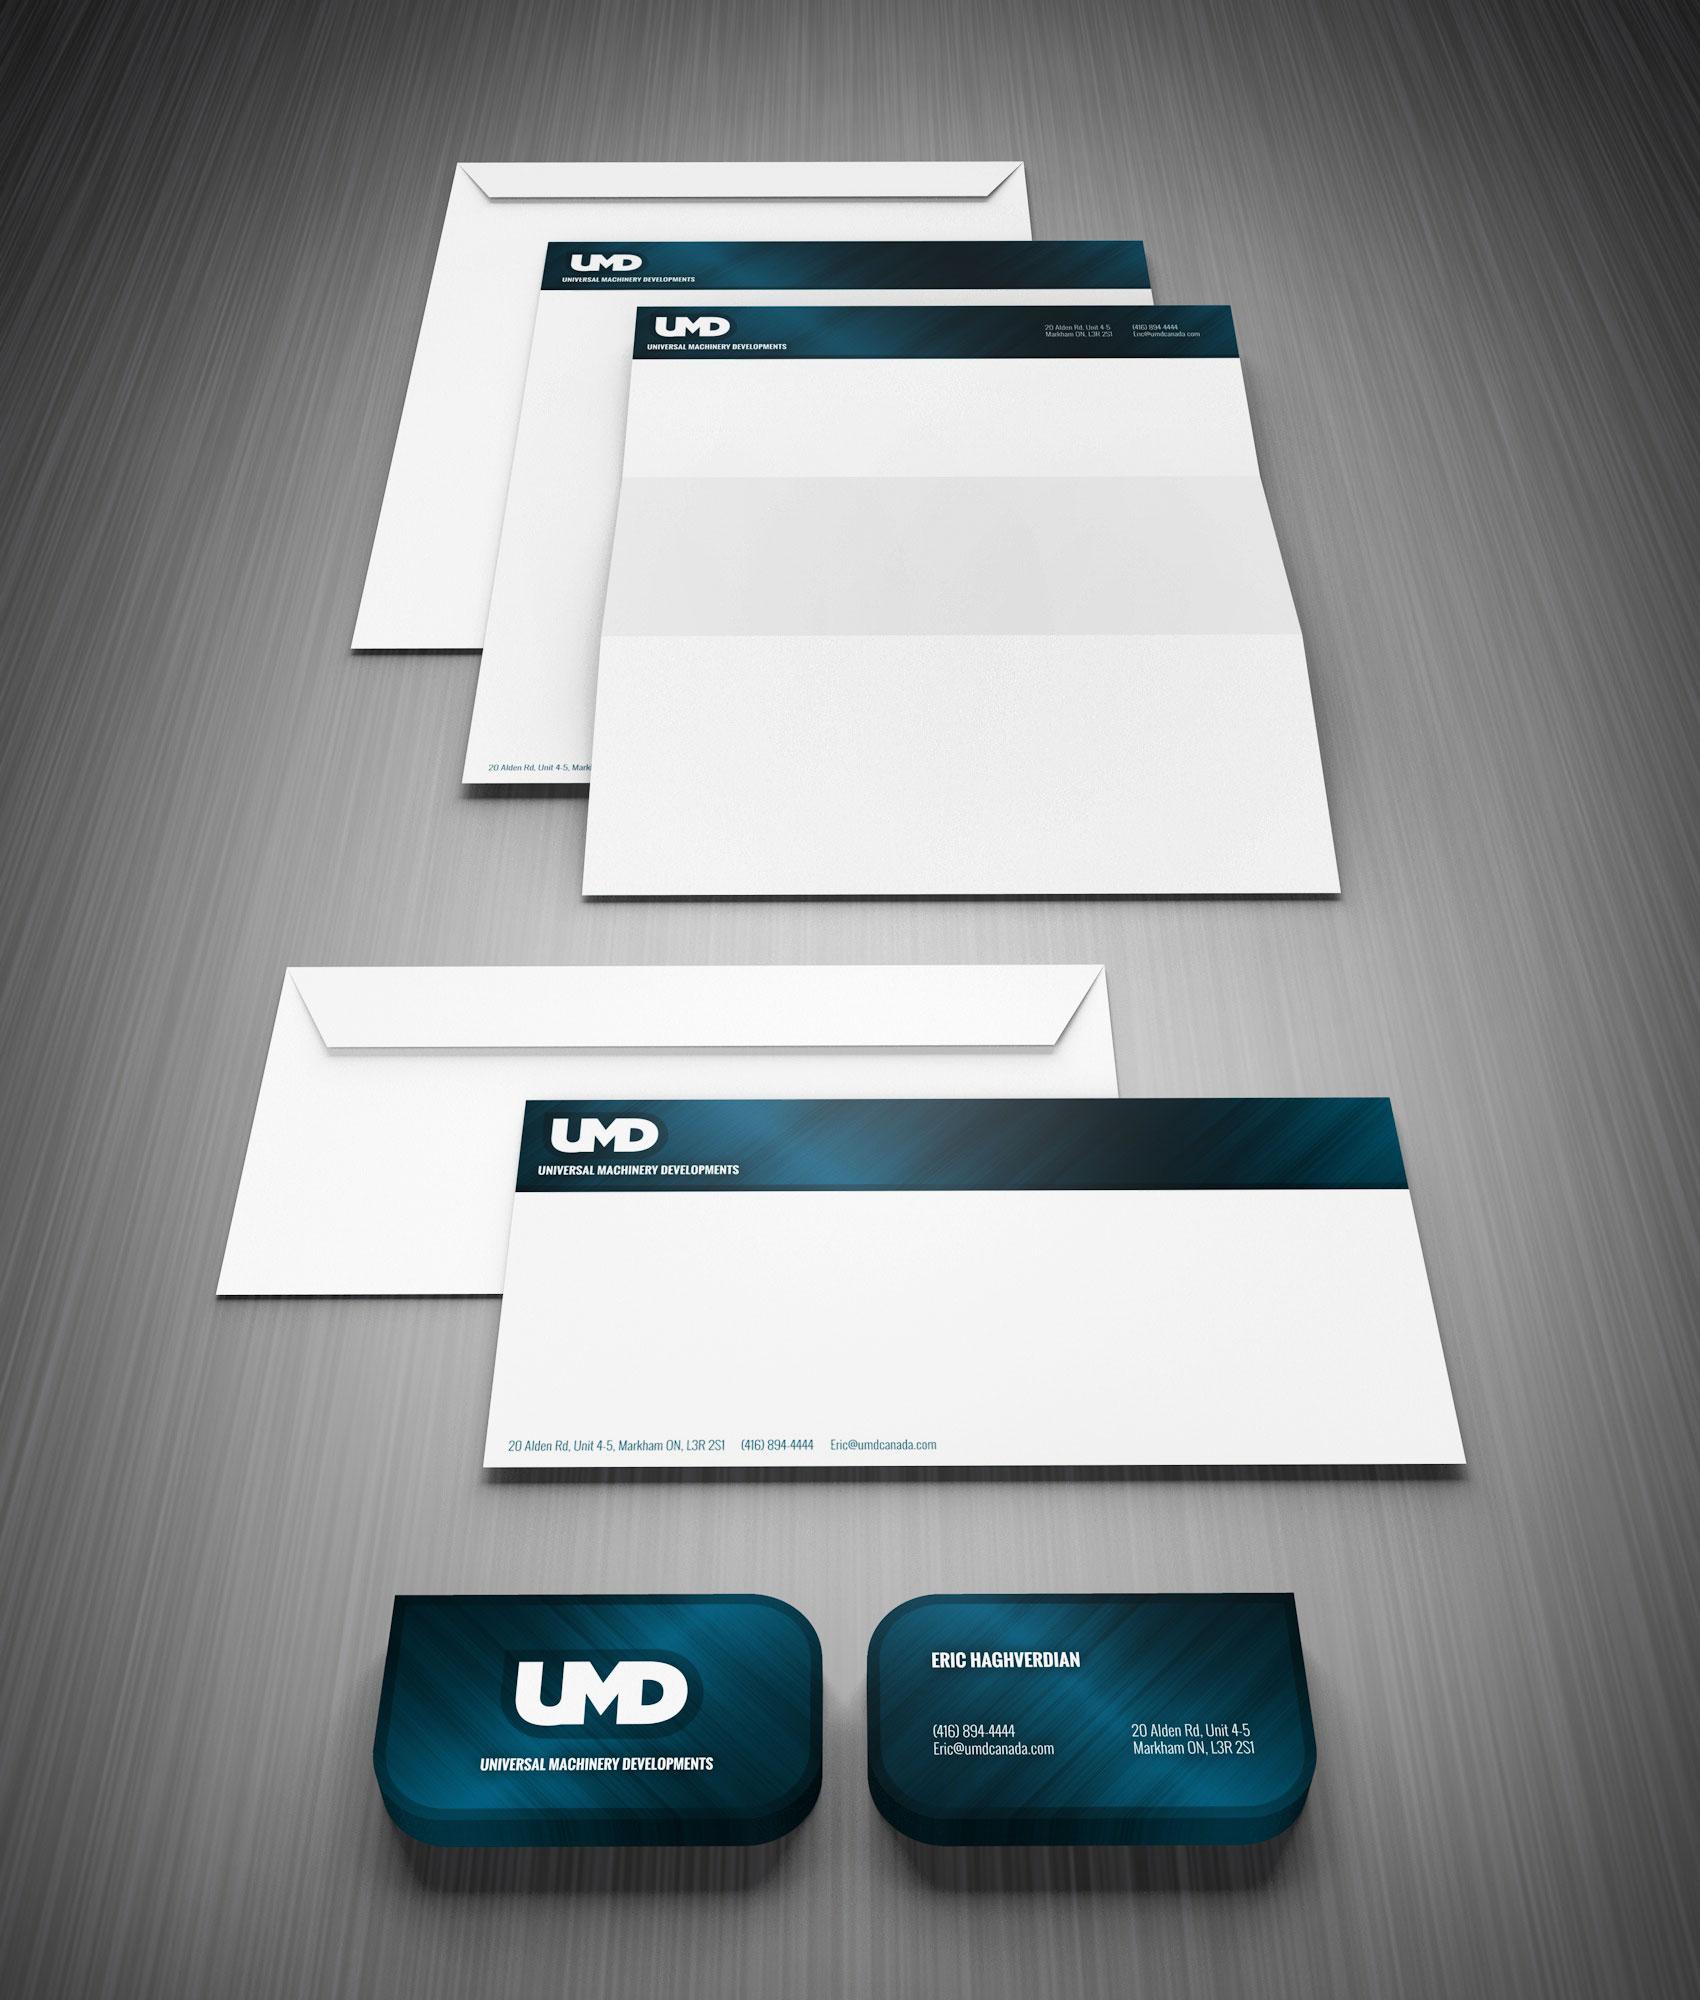 UMD-stationary